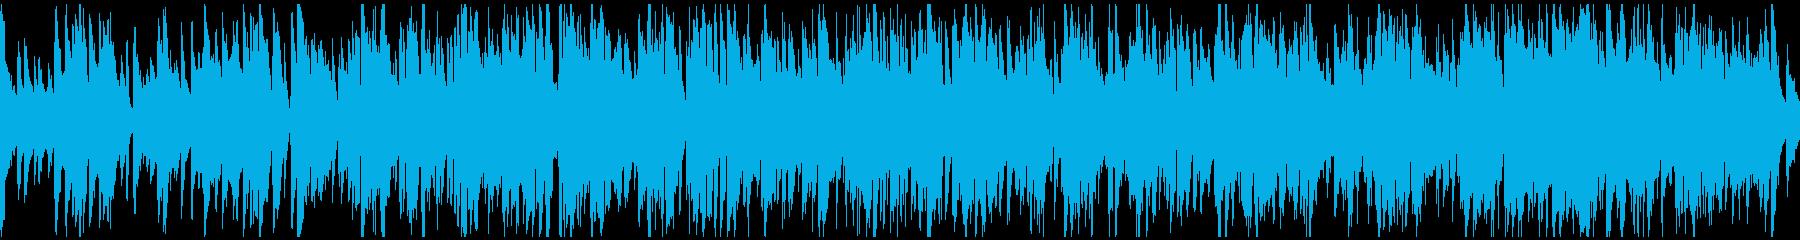 明るいジャズ、程よいテンポ感 ※ループ版の再生済みの波形